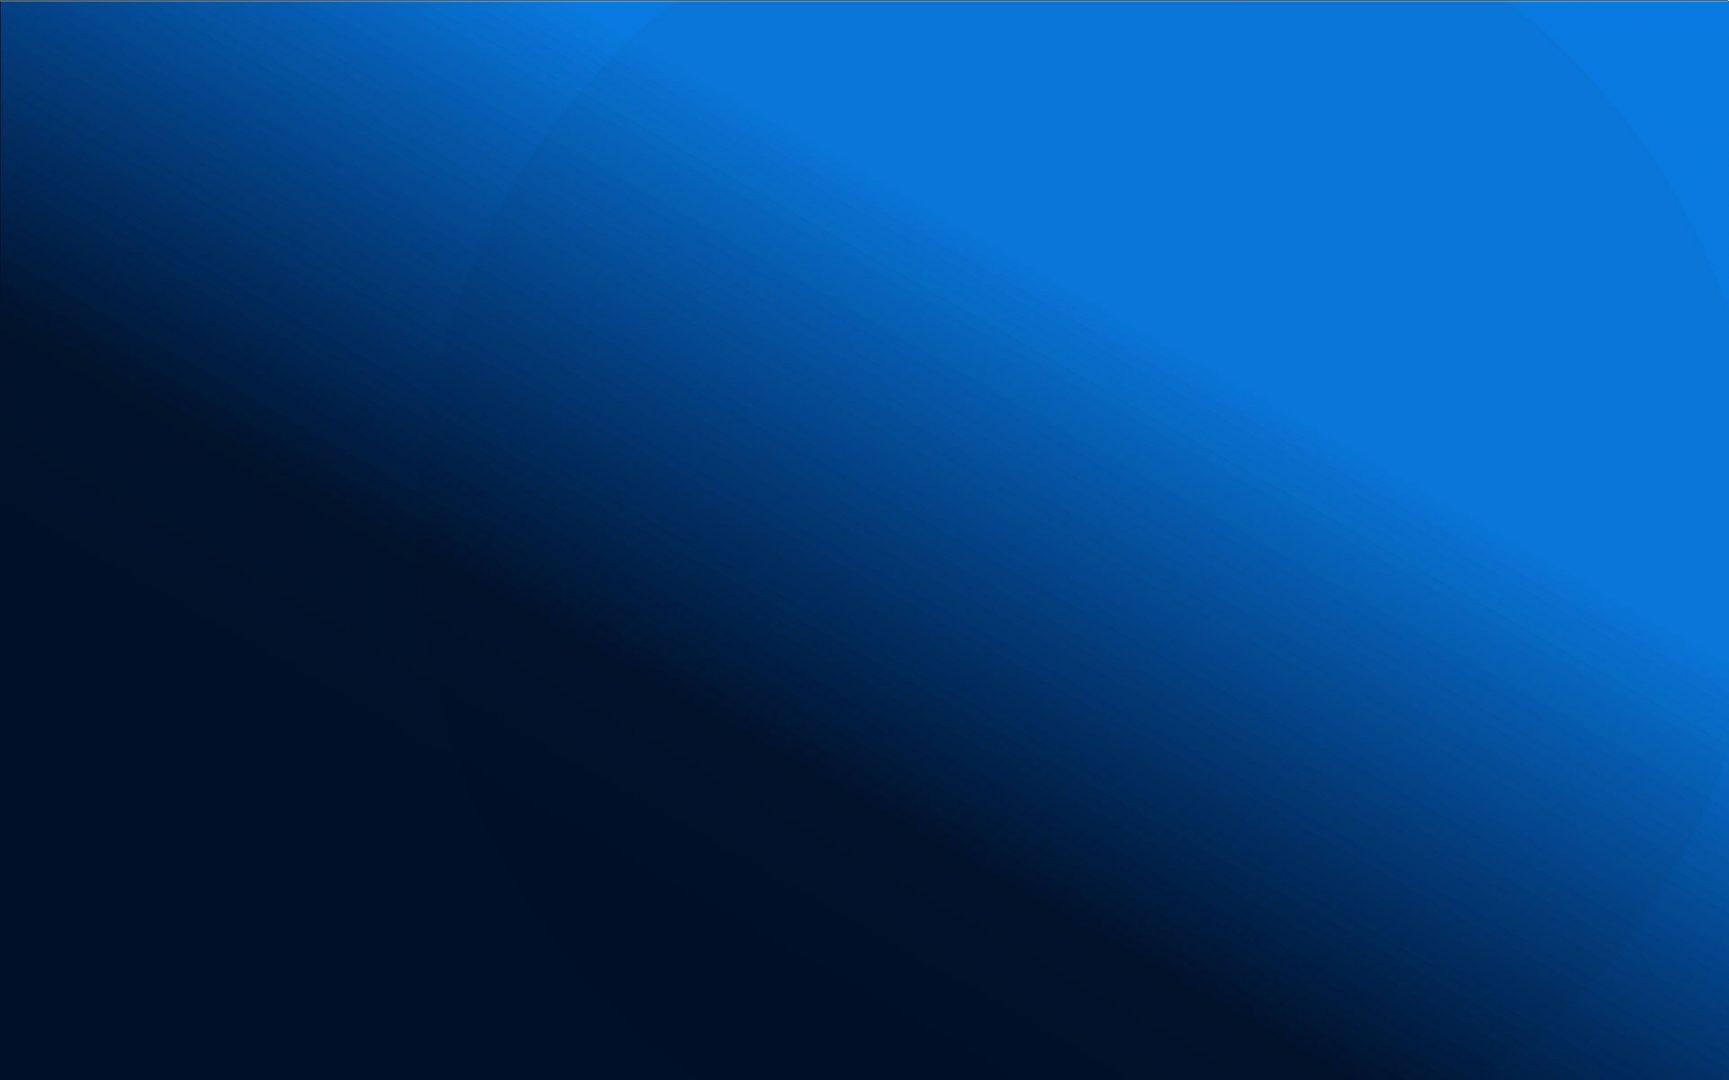 bg-dark-blue-one-circle